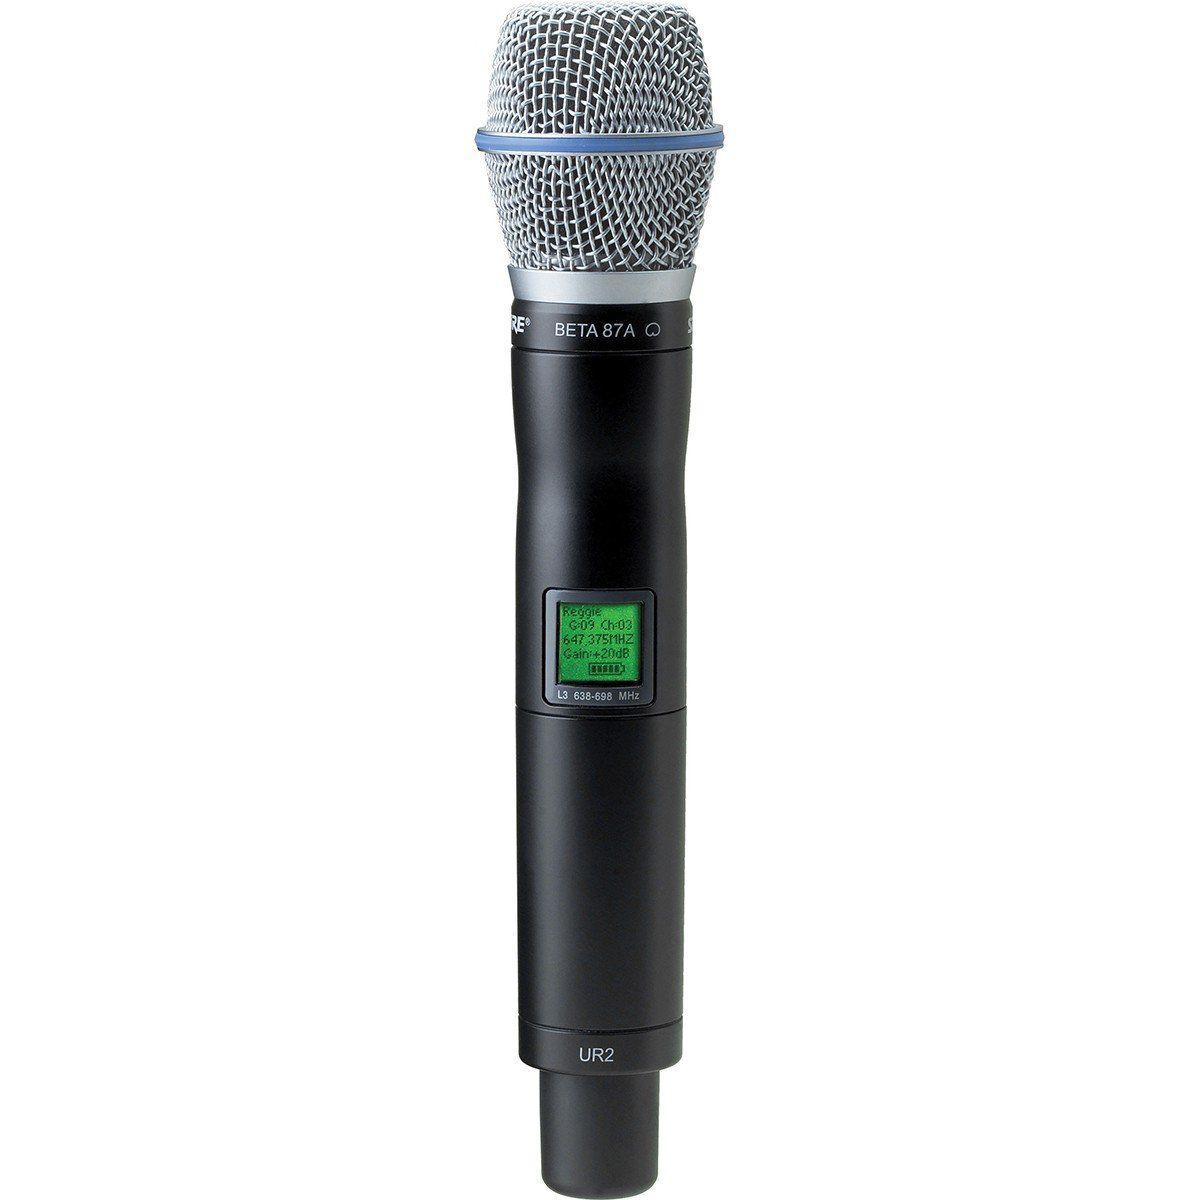 Shure UR2/Beta87A Microfone sem fio Shure UR2 B87A para a Série UHF-R